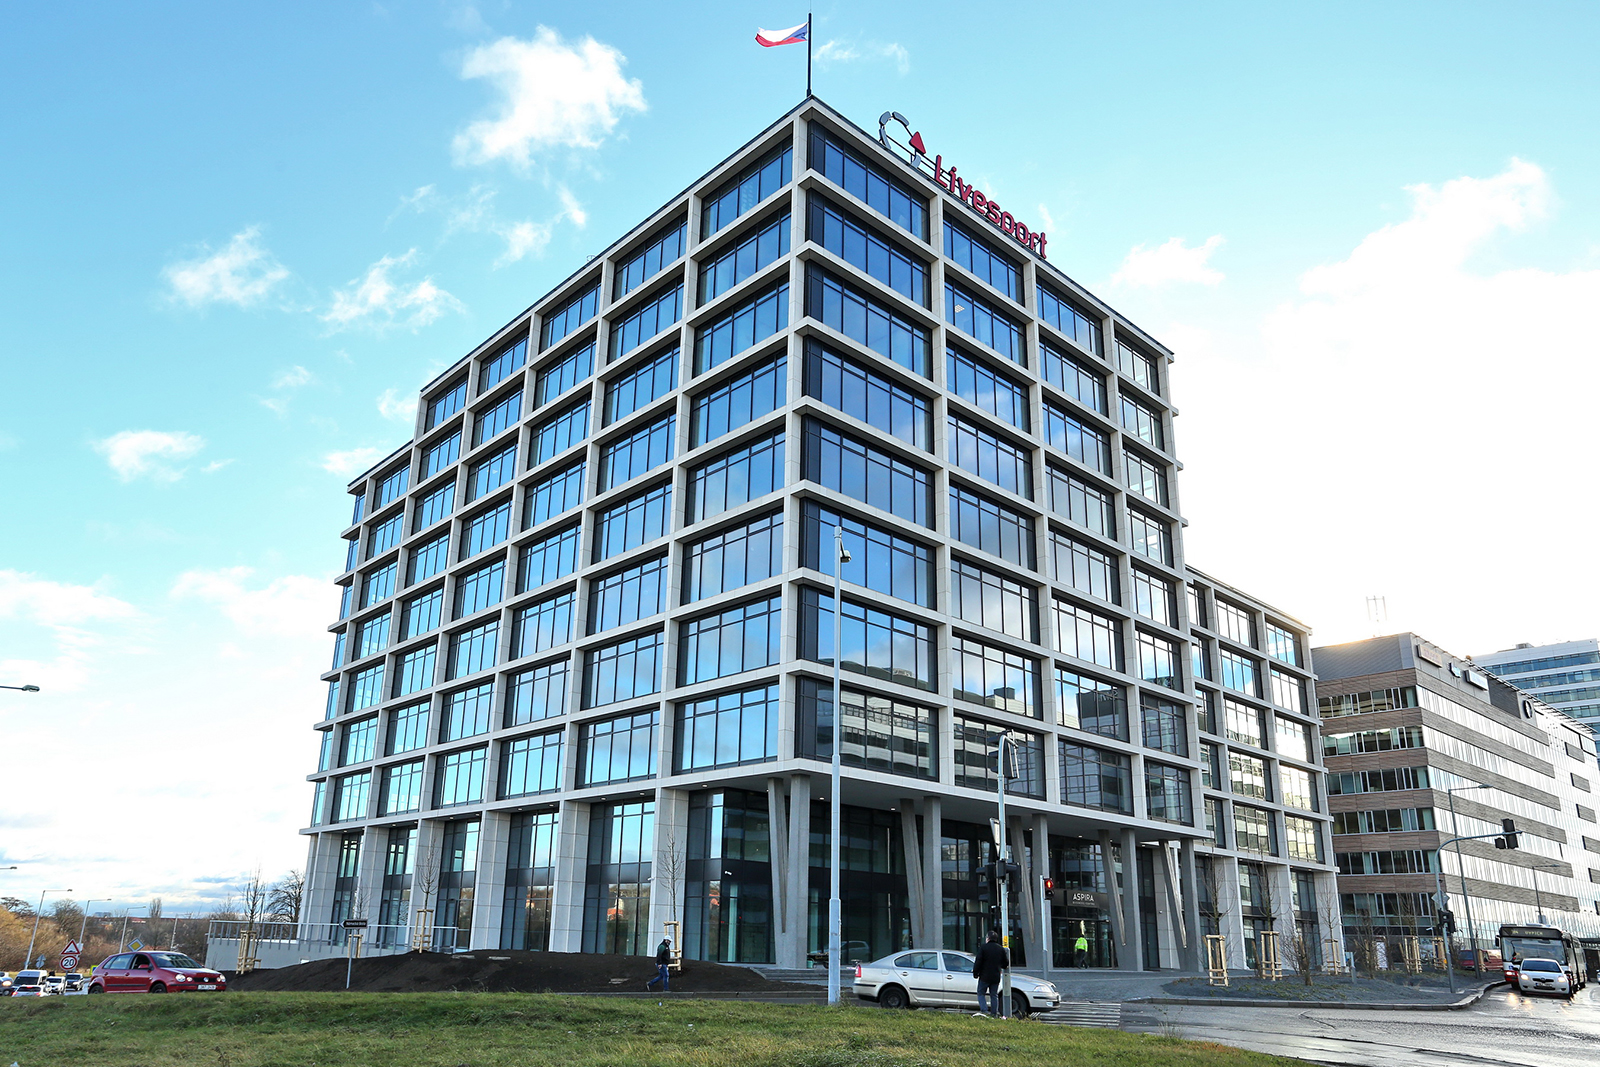 Sídlo Livesport v pražských Nových Butovicích